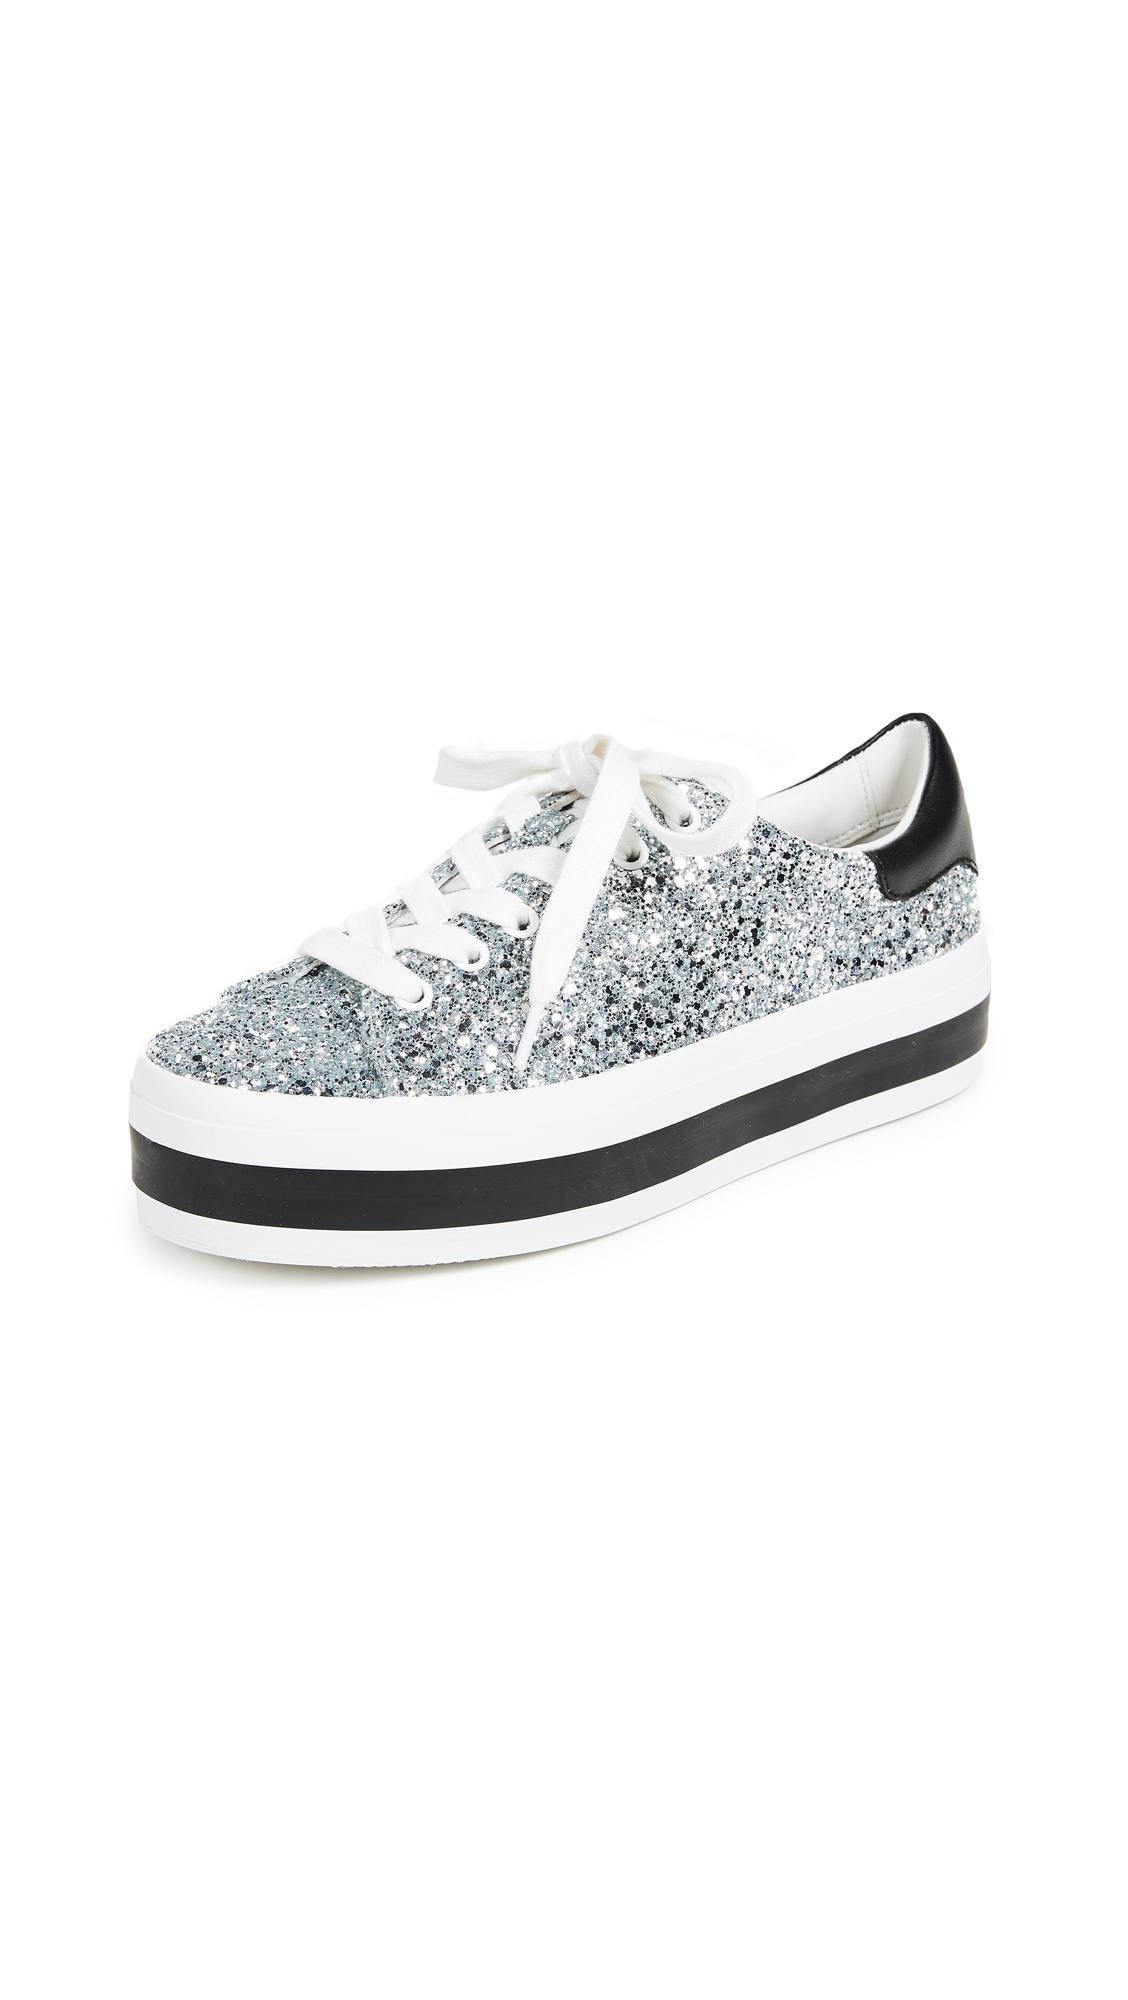 Photo of alice + olivia Ezra Platform Sneakers - buy alice + olivia footwear online